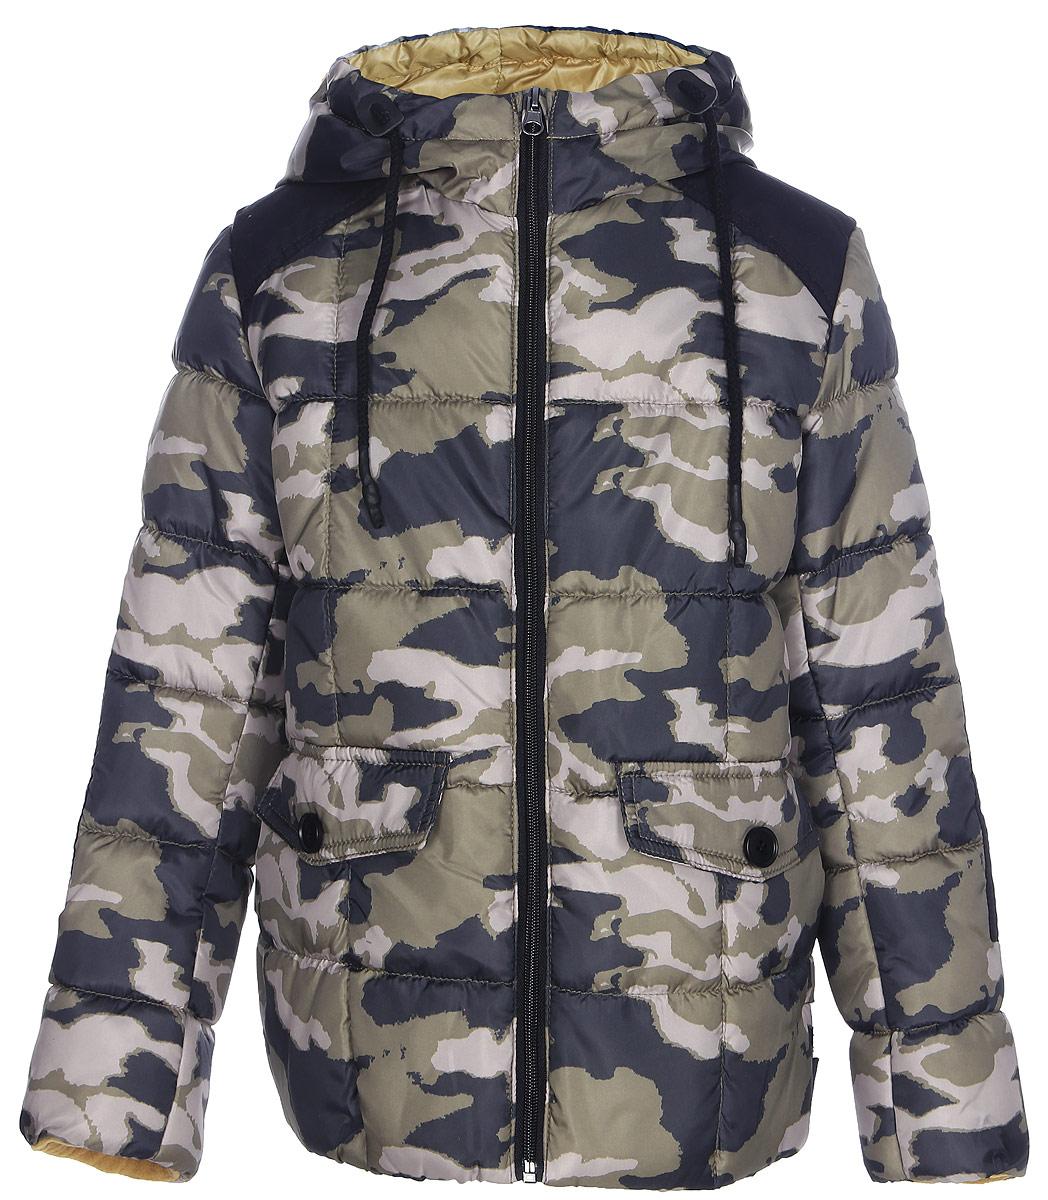 Куртка для мальчика Boom!, цвет: хаки. 70336_BOB_вар.2. Размер 104, 3-4 года70336_BOB_вар.2Куртка для мальчика Boom! изготовлена из полиэстера. В качестве утеплителя используется файбер. Куртка с капюшоном застегивается спереди на застежку-молнию. Капюшон дополнен затягивающимся шнурком. Изделие дополнено спереди двумя карманами с клапанами на пуговицах. Нижняя часть спинки дополнена фирменной нашивкой. Модель оформлена контрастными вставками на плечах и рукавах.